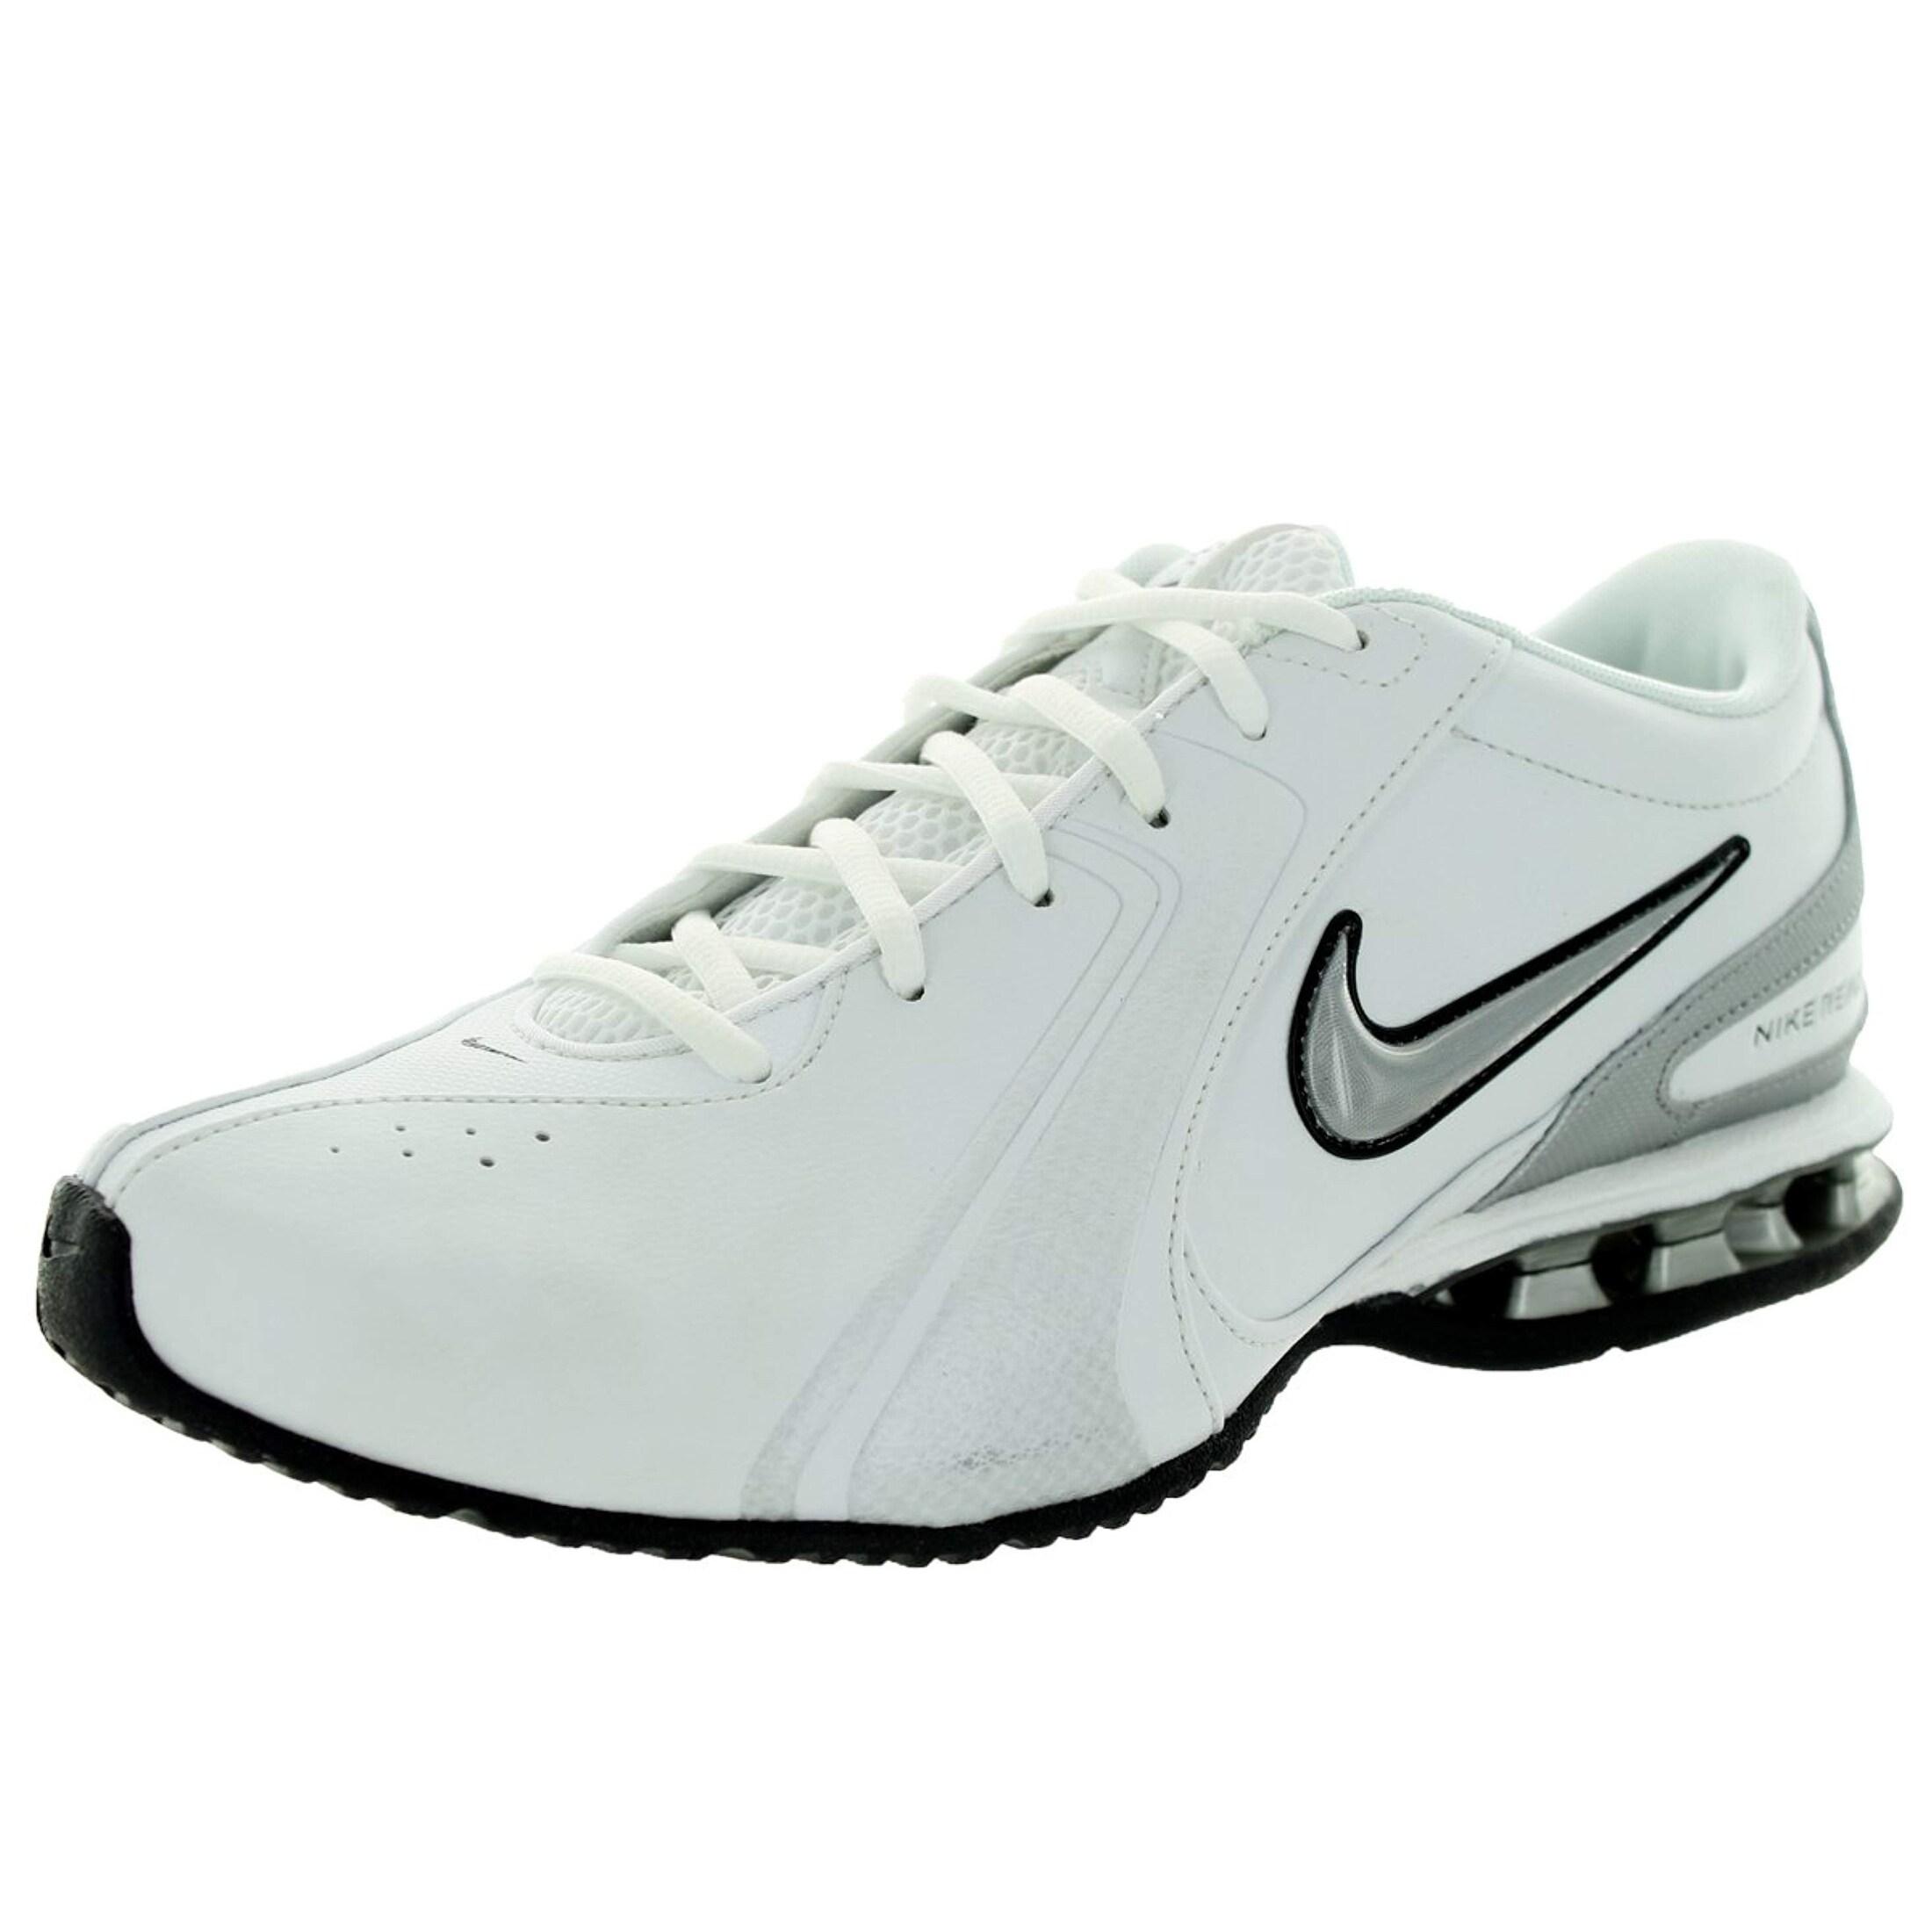 Shop Black Friday Deals on Nike Men